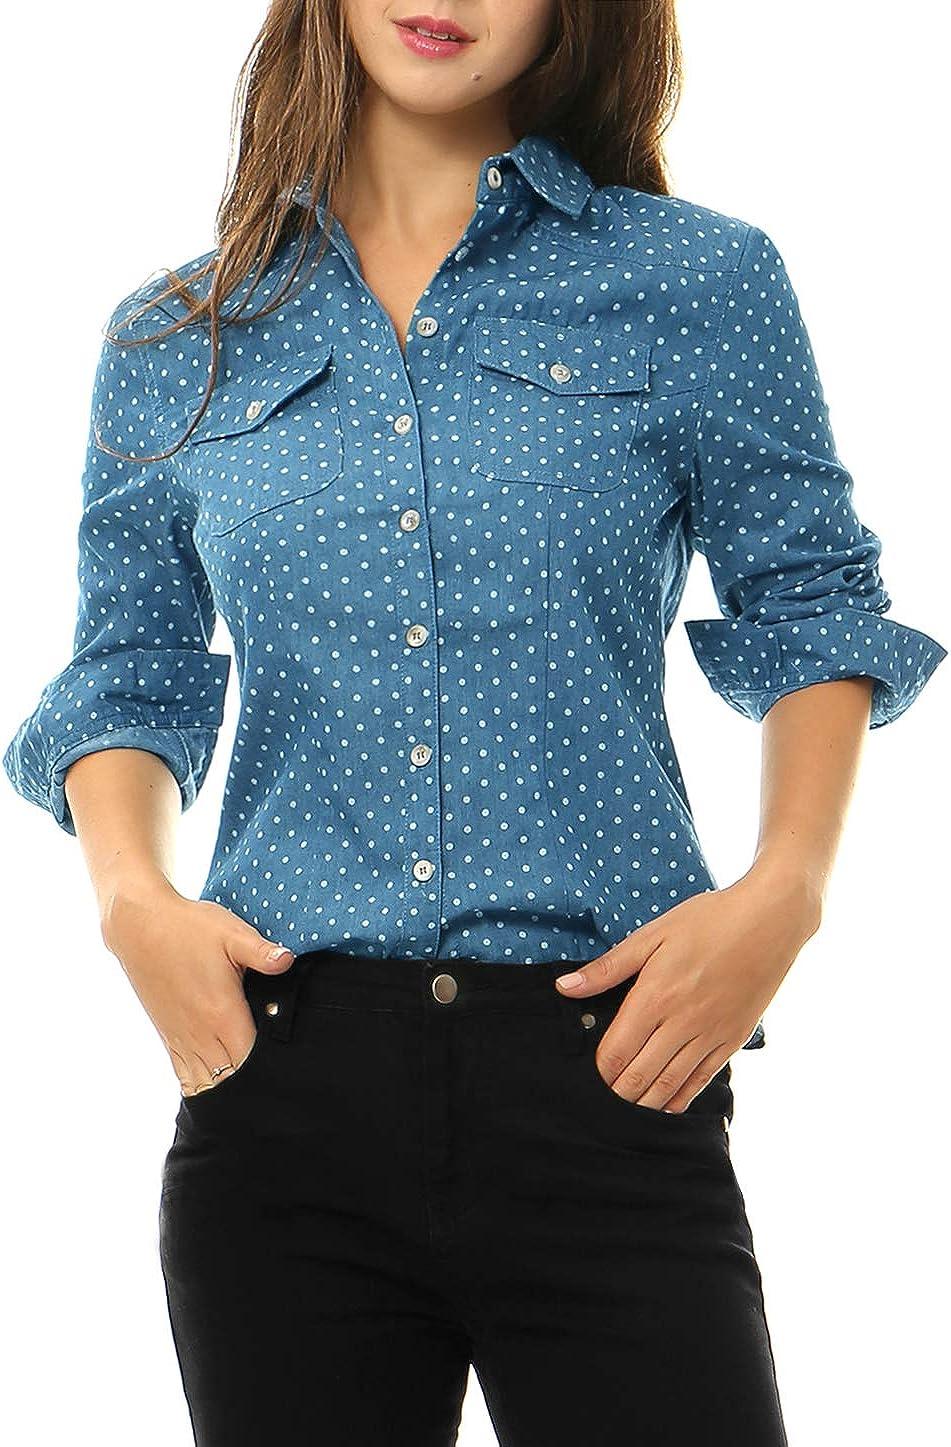 Allegra K Women's Denim Long Sleeve Point Collar Chest Pockets Button Down Shirt